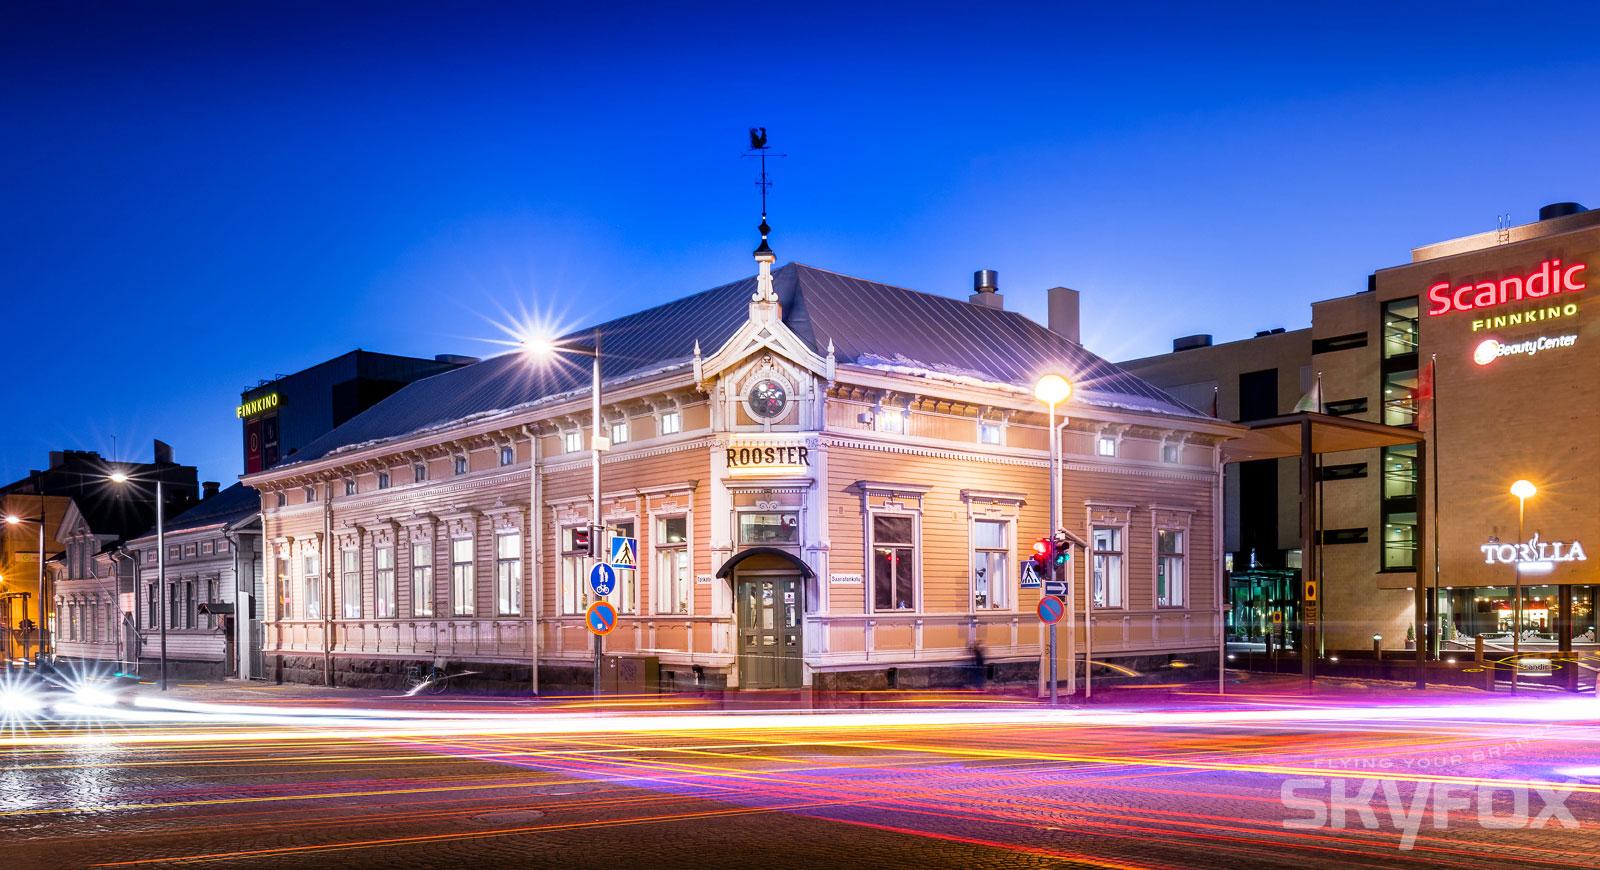 Finlayson Oulu